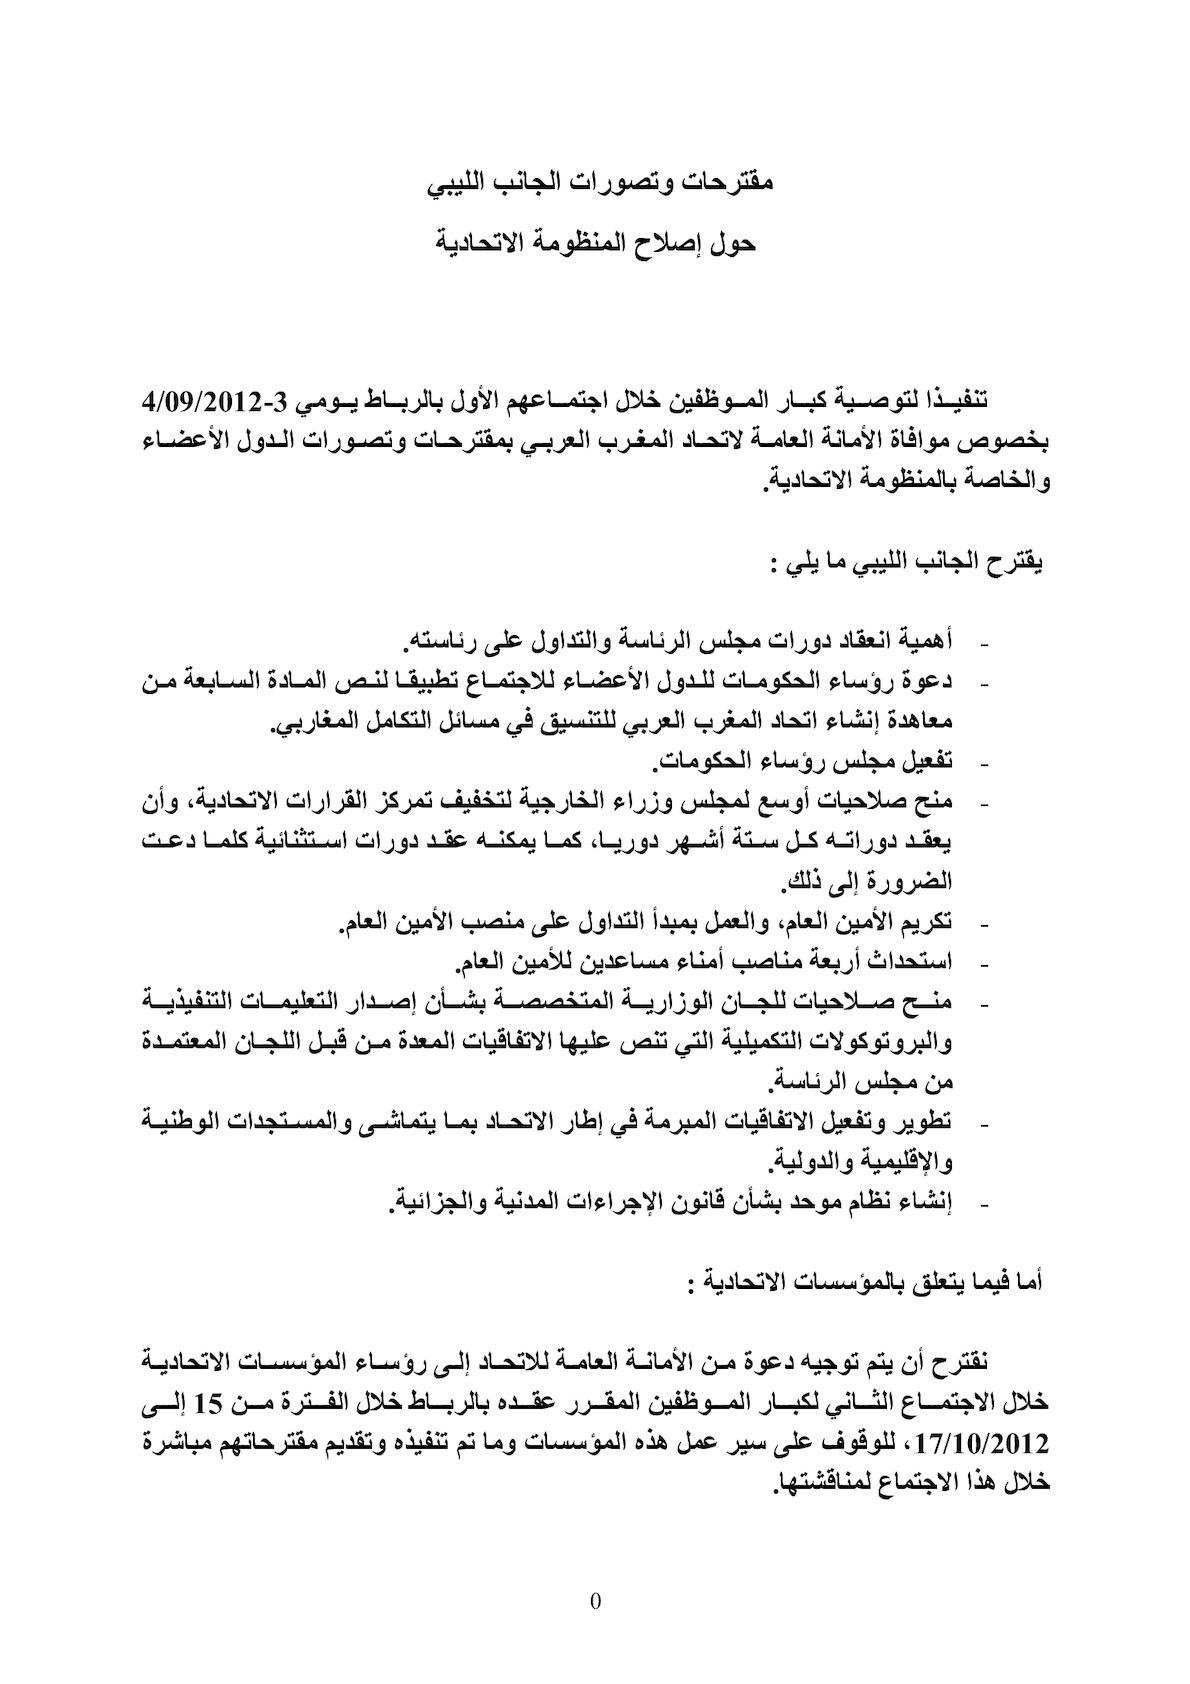 مقترحات وتصورات الجانب الليبي حول إصلاح المنظومة الاتحادية.